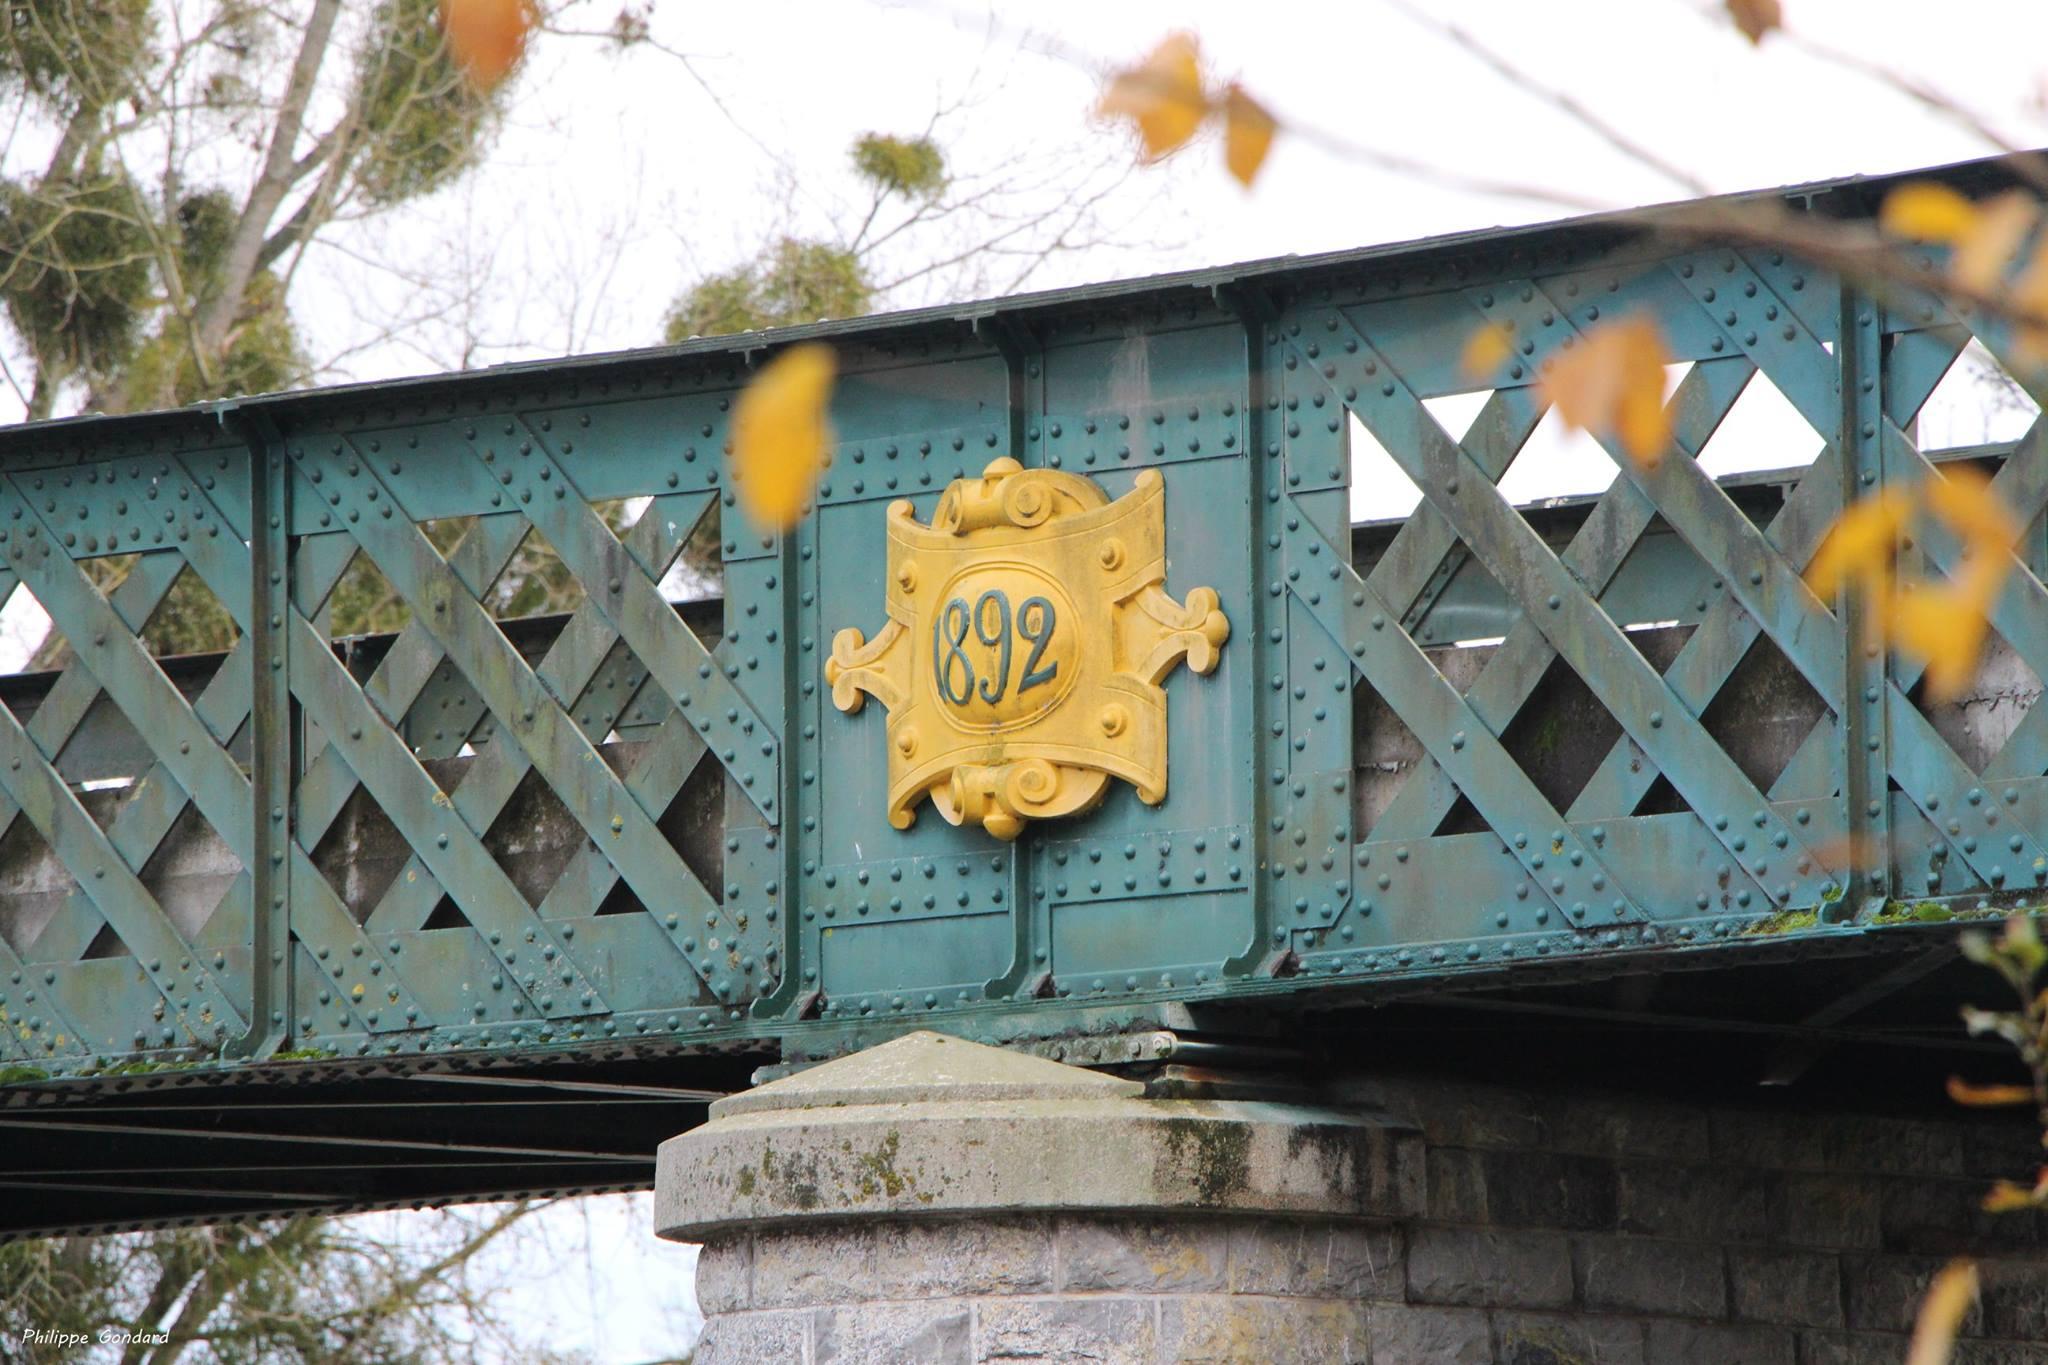 Fercé sur Sarthe - La construction du pont en fer de type « Eiffel » sur la rivière la Sarthe en 1892 met la ville de La Suze à 5 km de Fercé sur Sarthe (Philippe Gondard)